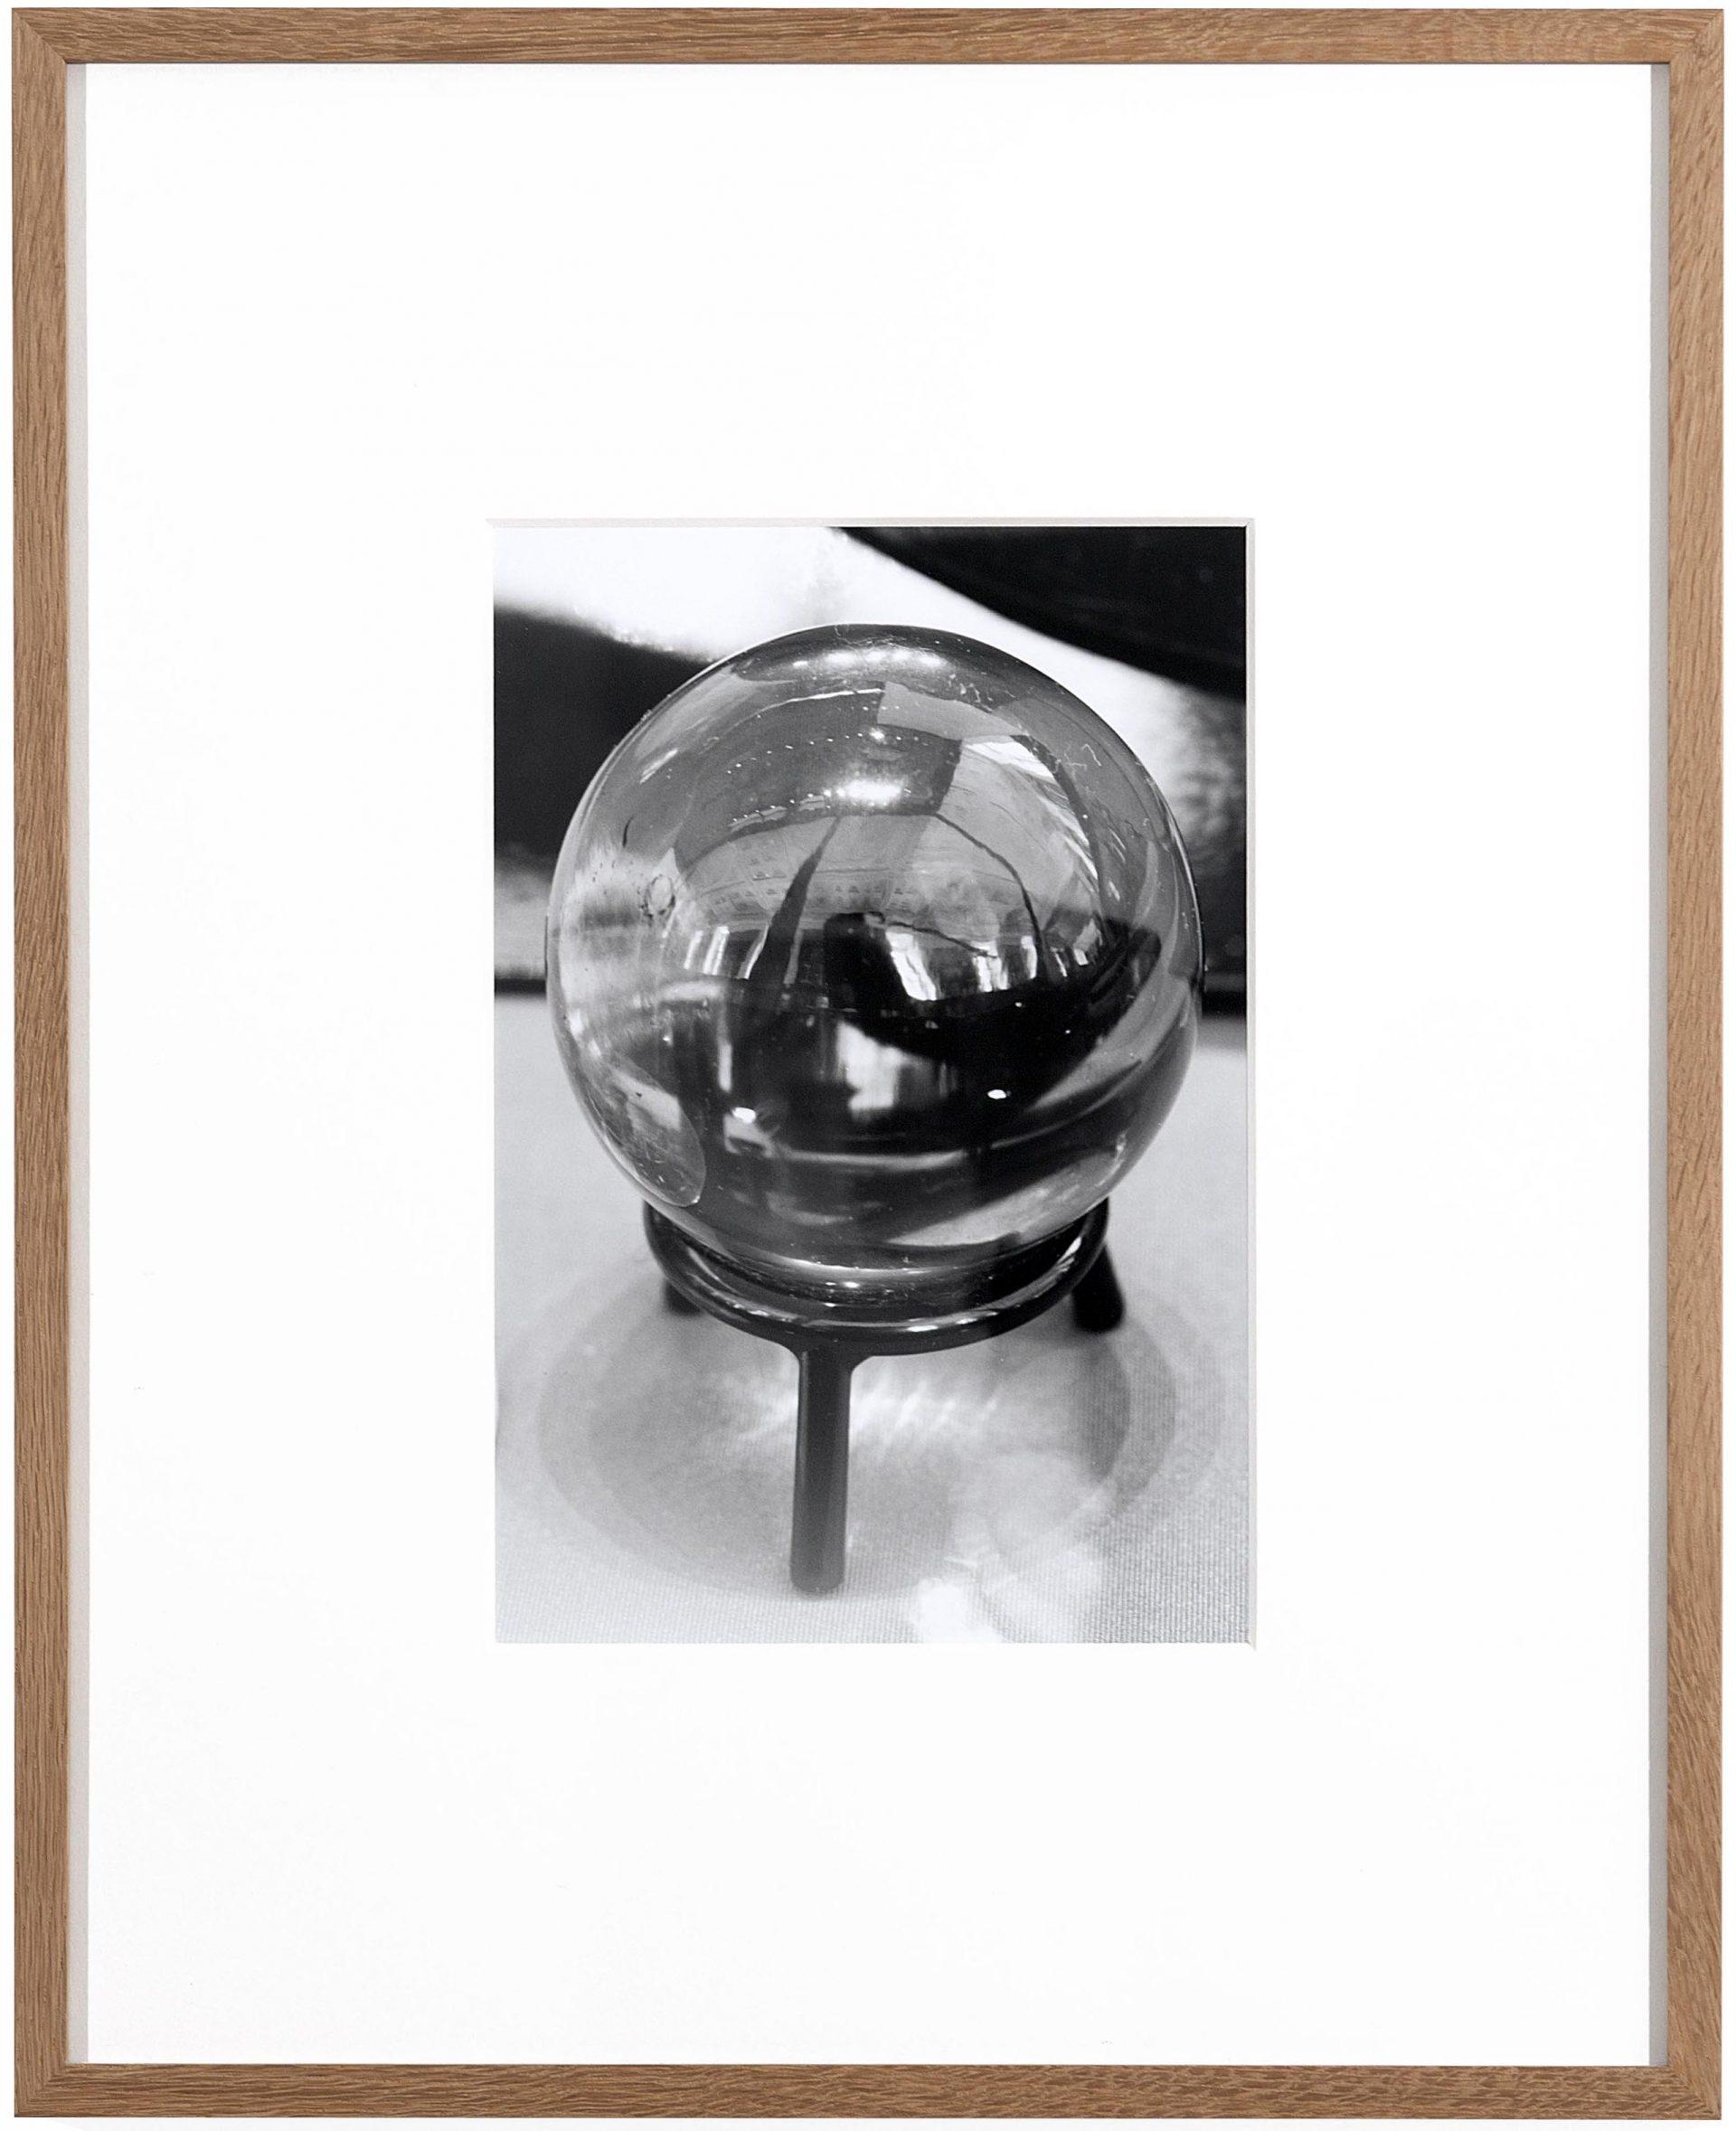 Joachim Koester, The Crystall Ball, 2011